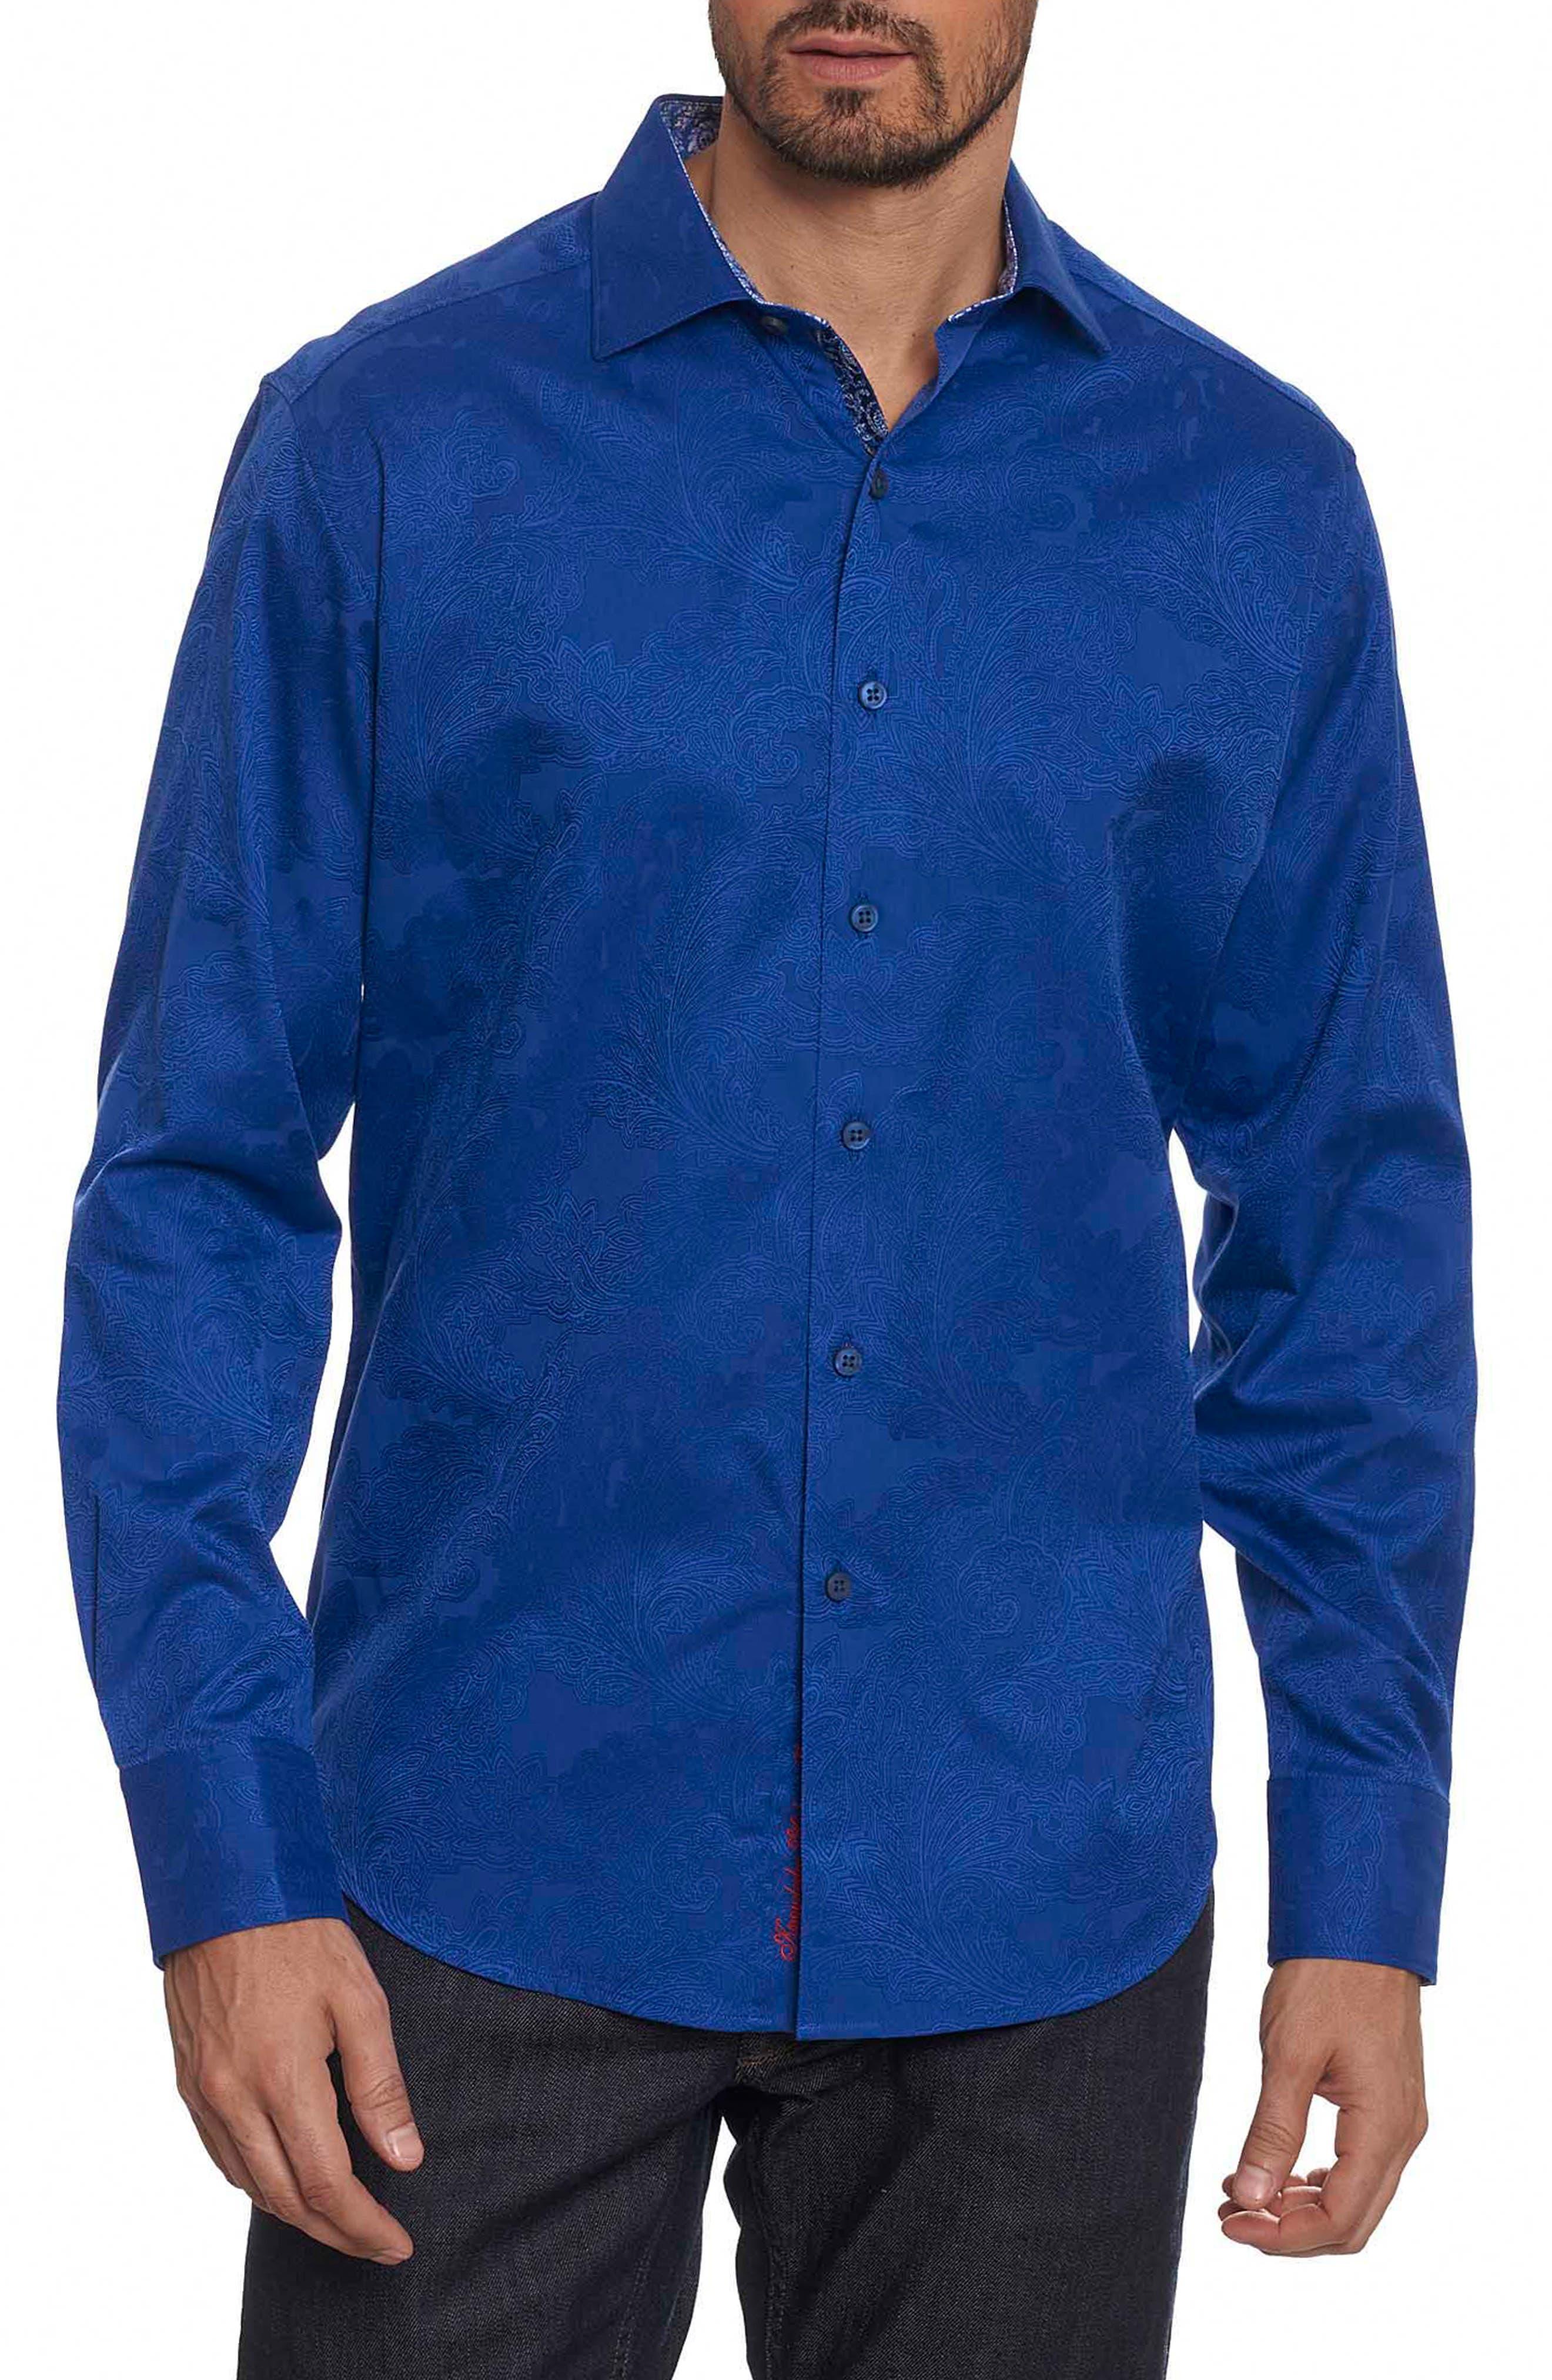 Rosendale Classic Fit Jacquard Sport Shirt,                             Main thumbnail 1, color,                             432